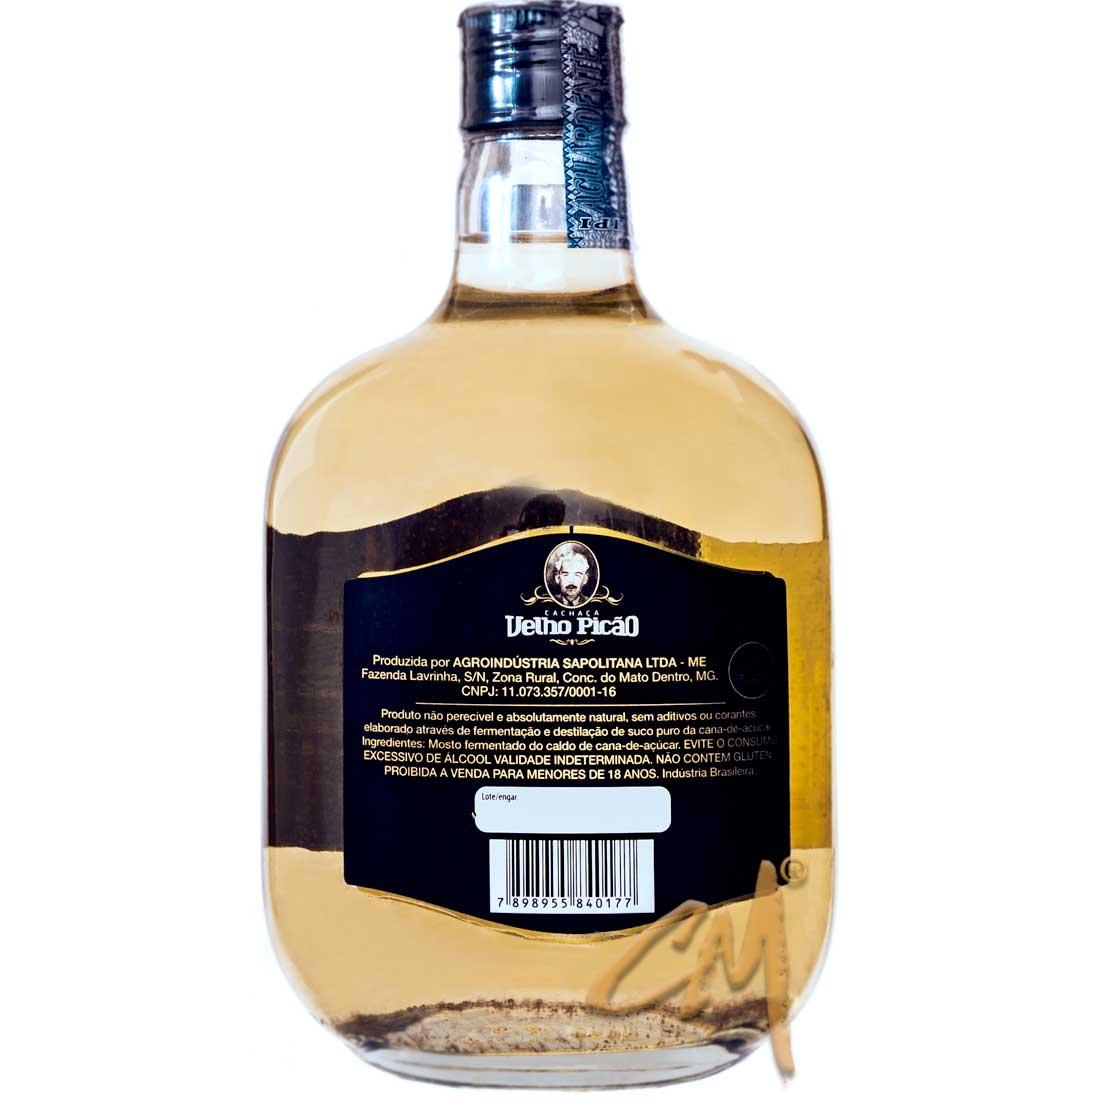 Cachaça Velho Picão Ouro 670 ml (Conceição do Mato Dentro - MG)